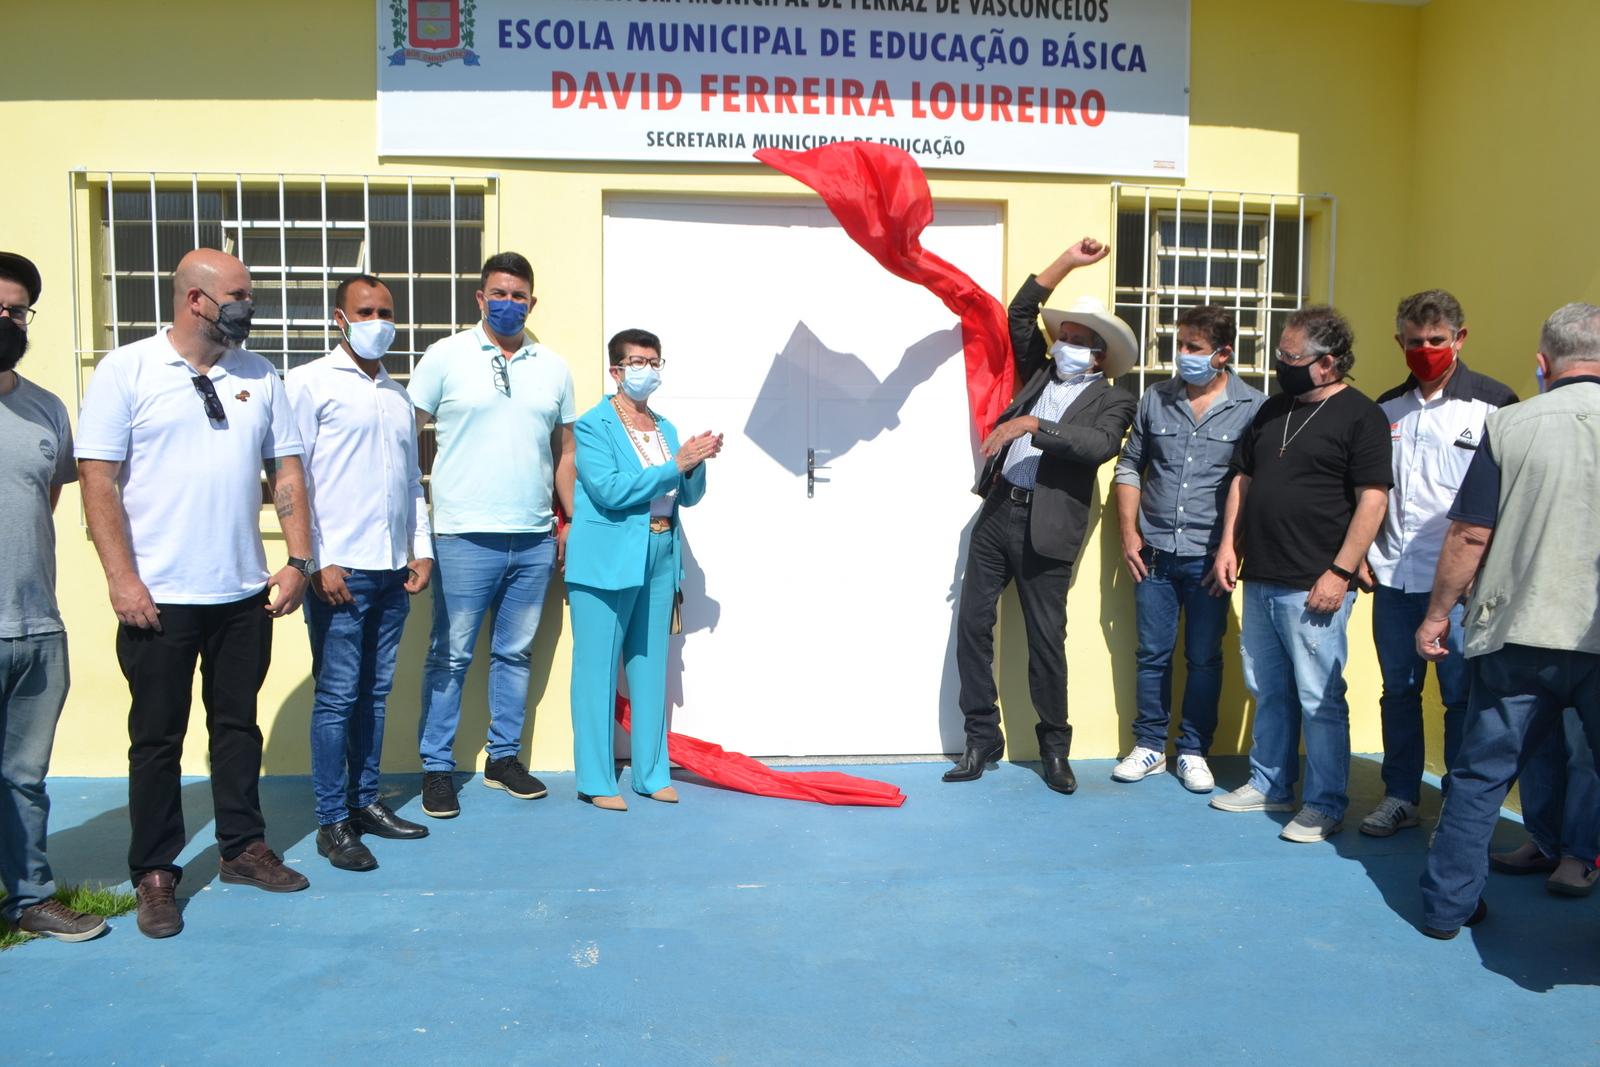 Prefeitura inaugura creche com capacidade para atender 75 crianças na Vila Santo Antônio